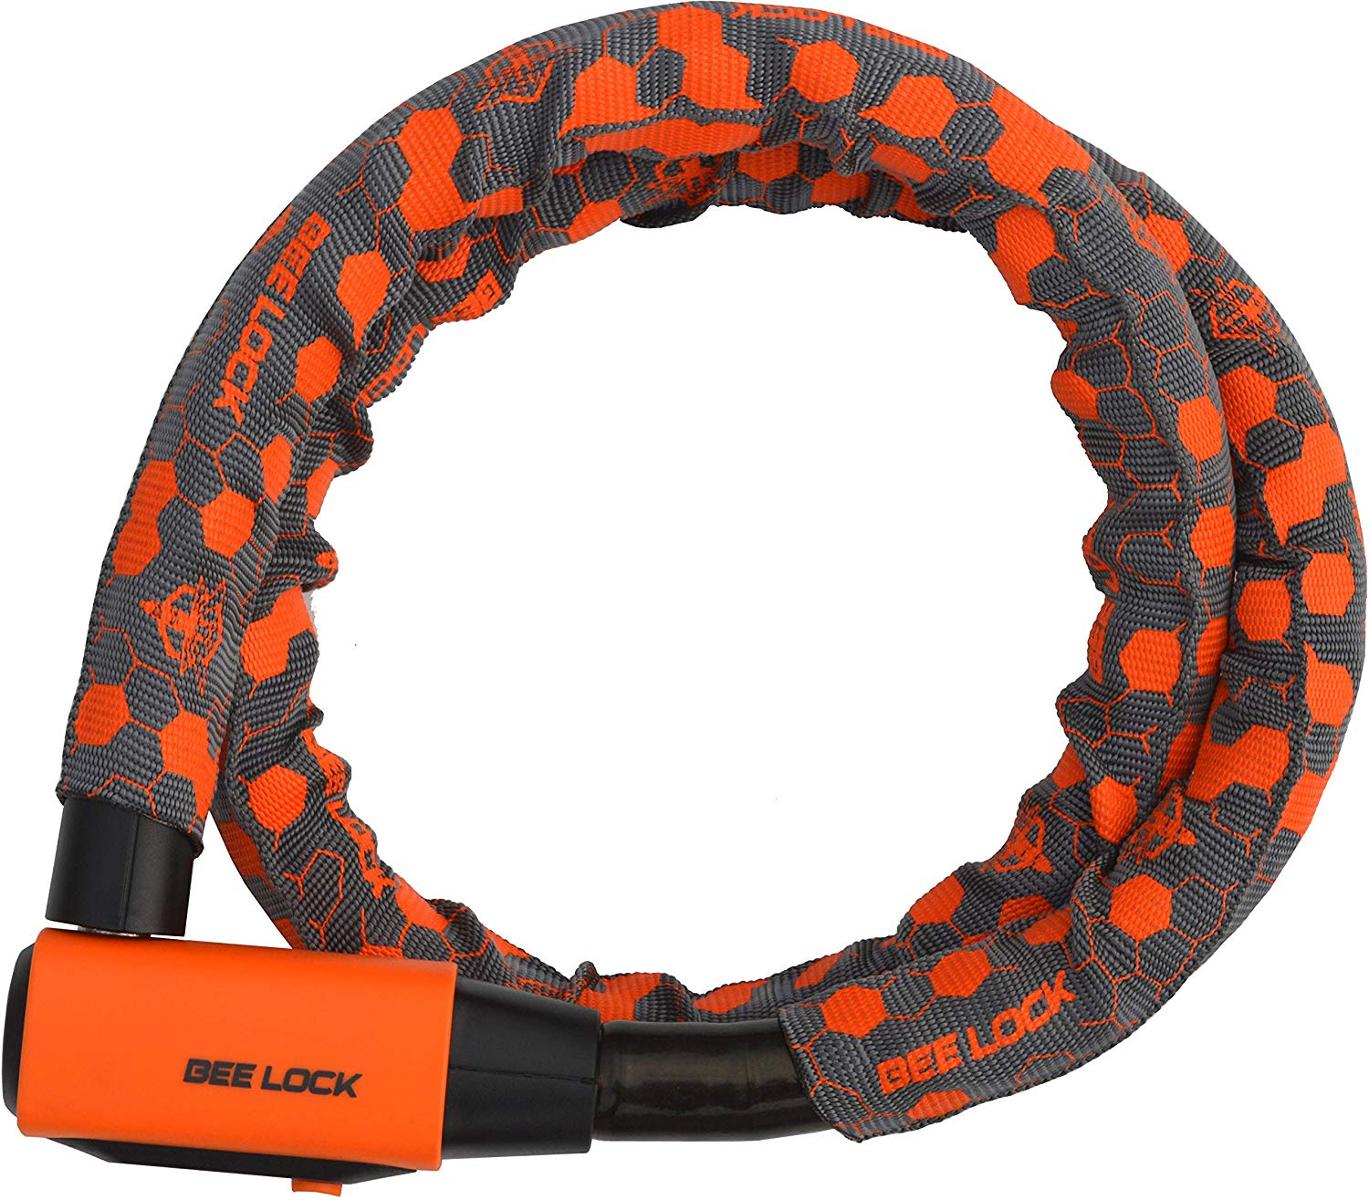 リード工業 出色 LEAD バイク用ロック BEE LOCK 6φ ビーロック 売れ筋ランキング LW-017A リンクロック 1200mm